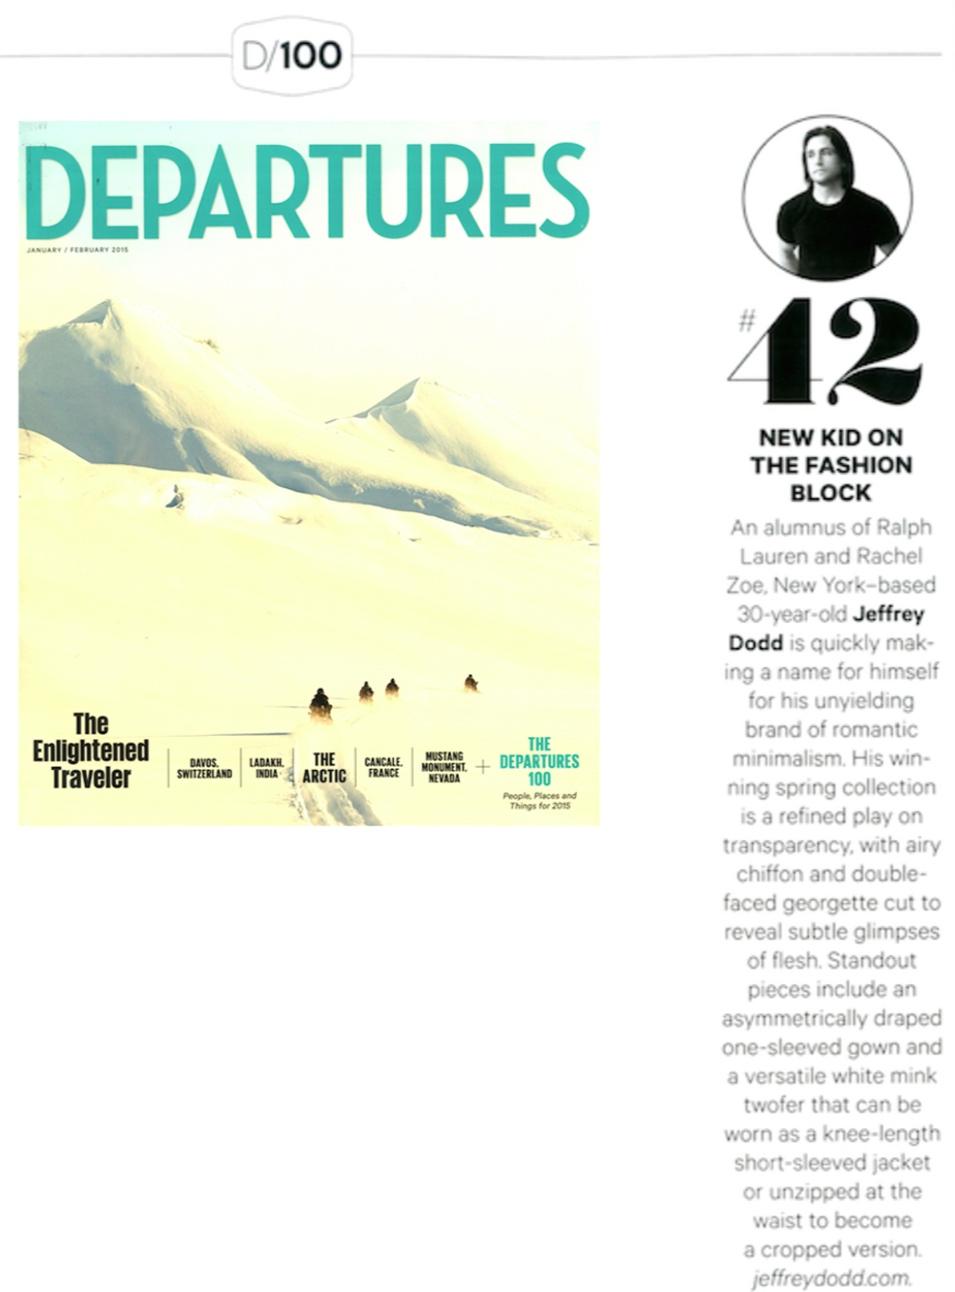 Departures_web.jpg